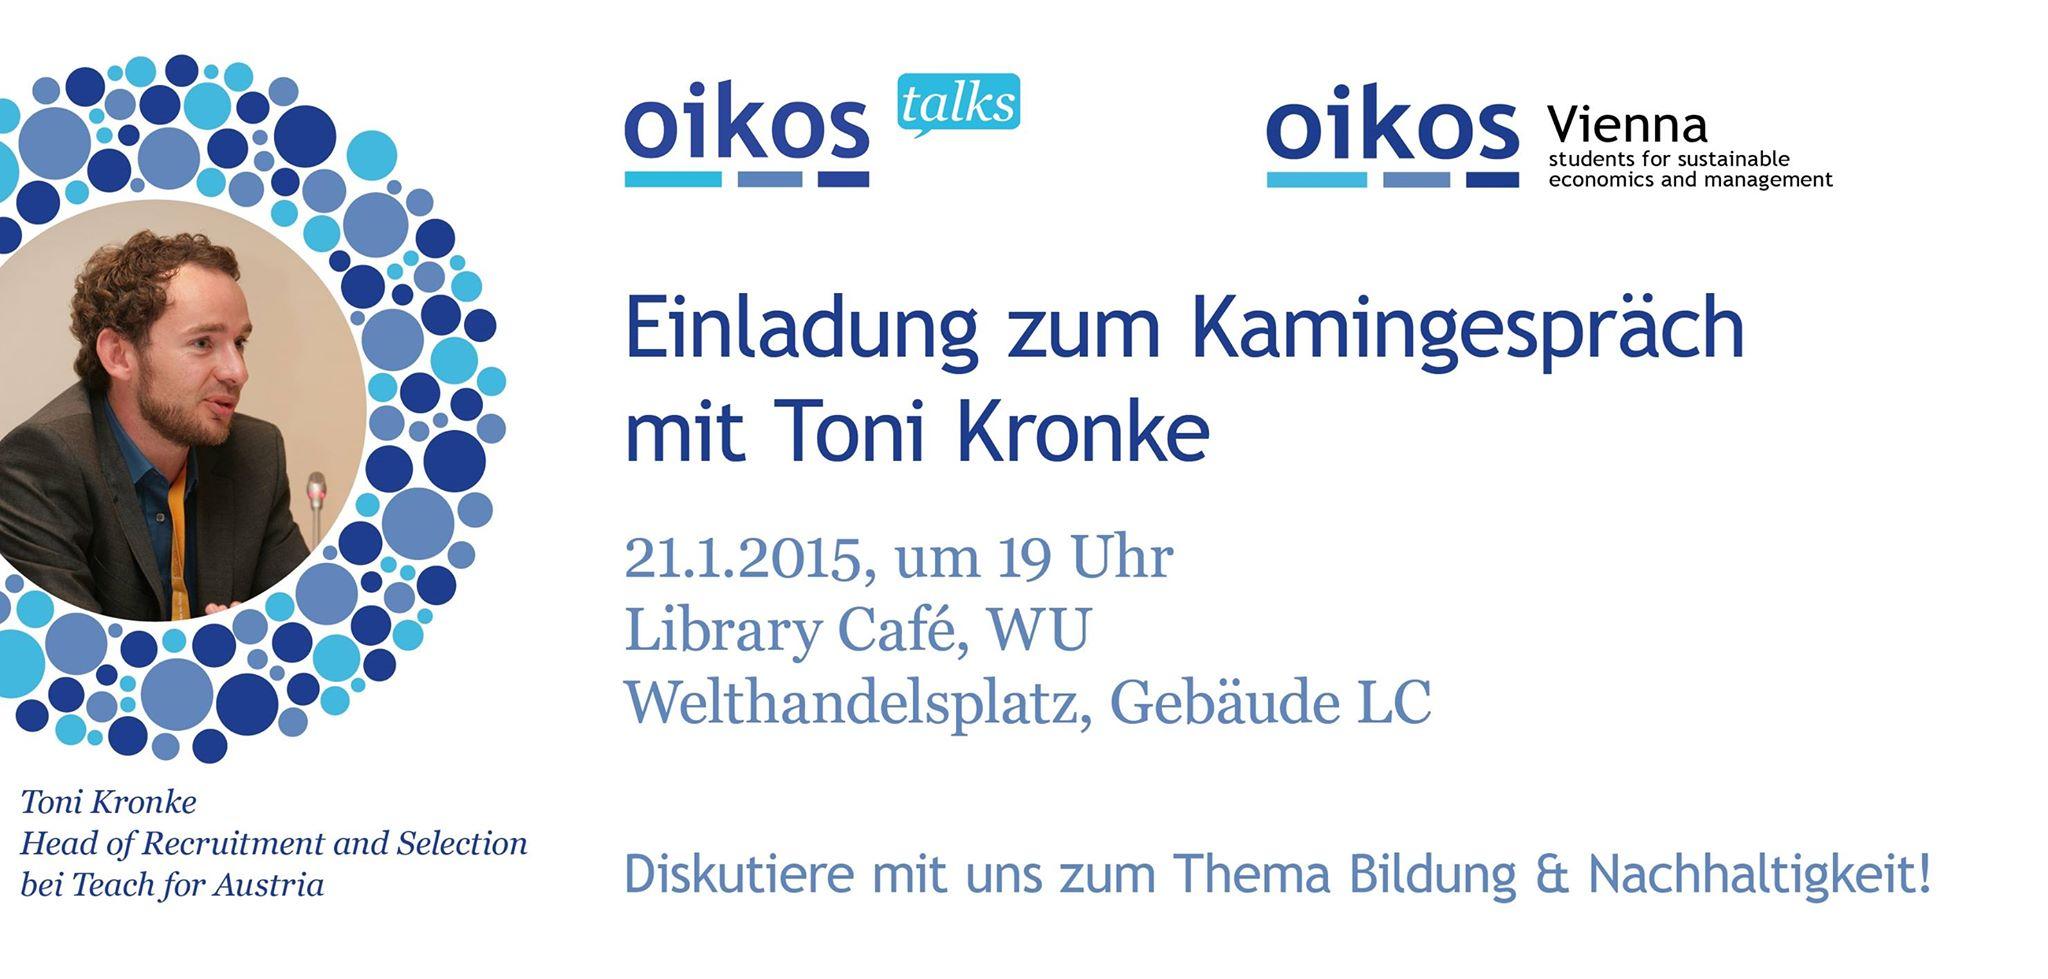 © oikos Vienna